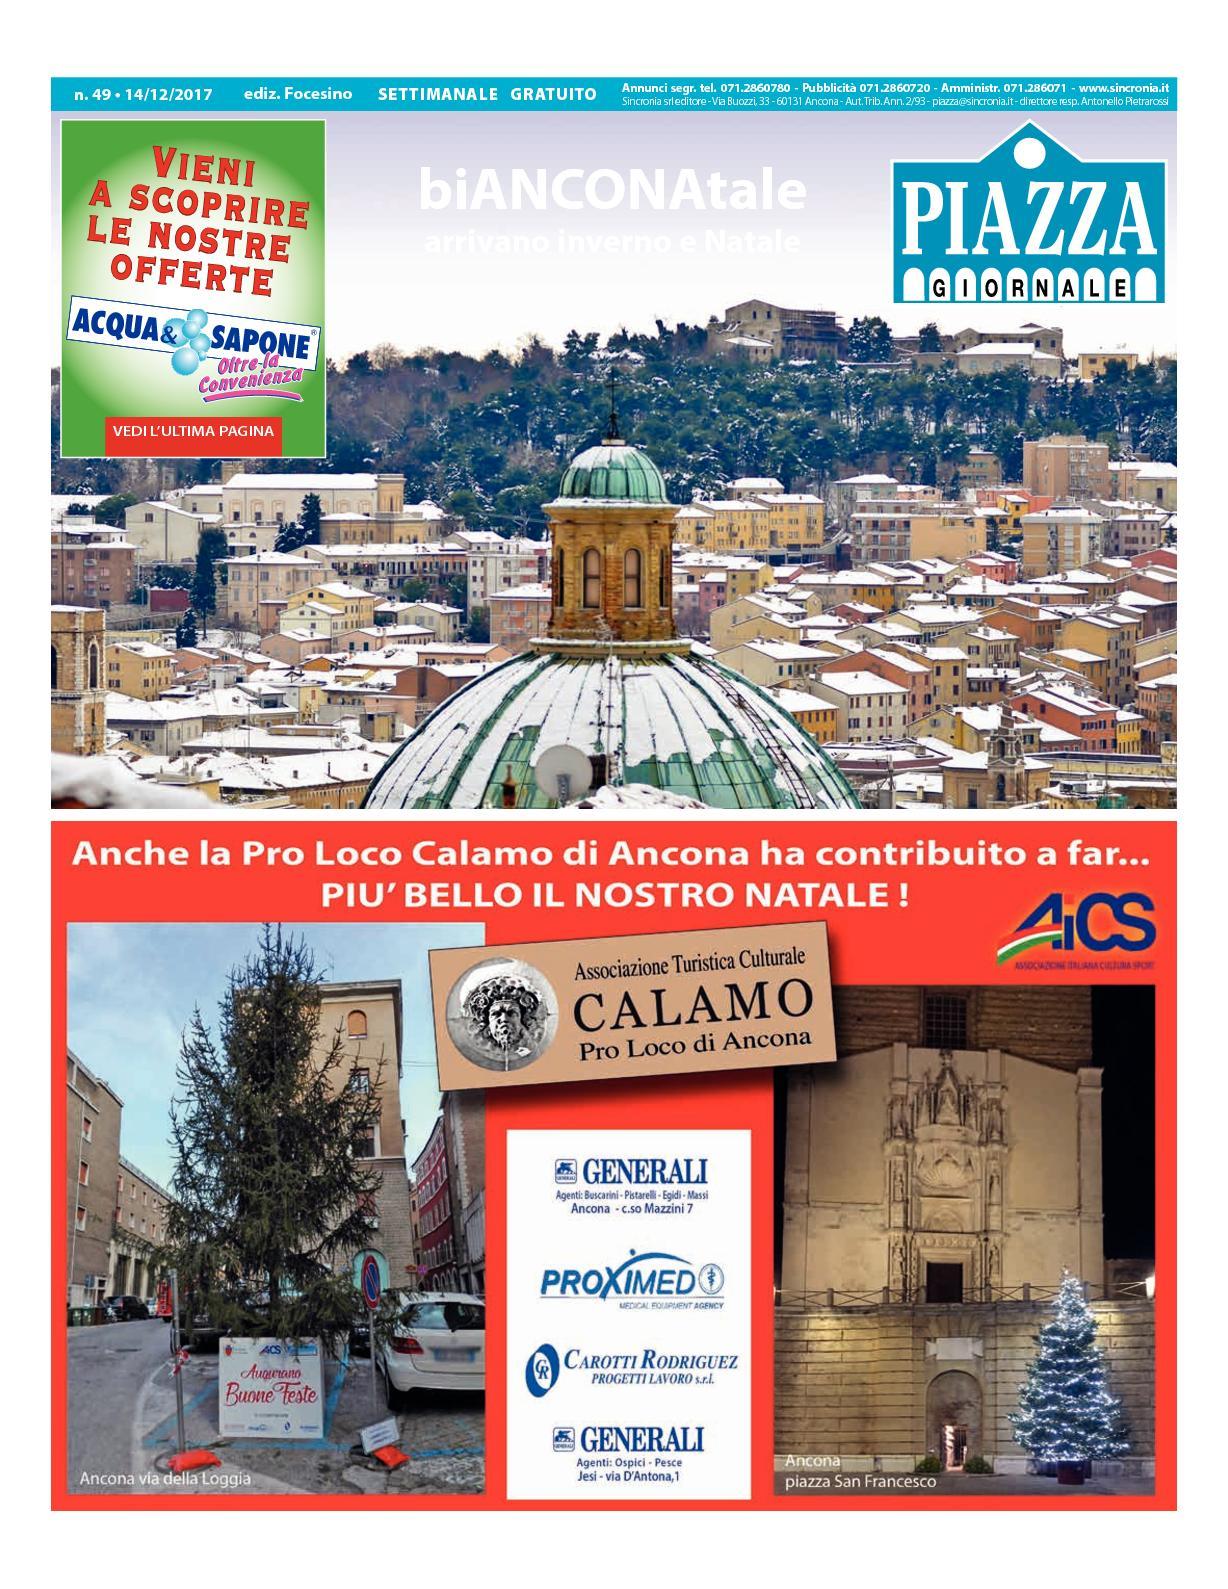 Calaméo - Piazza 49FE 2017 bfb18101ee6e